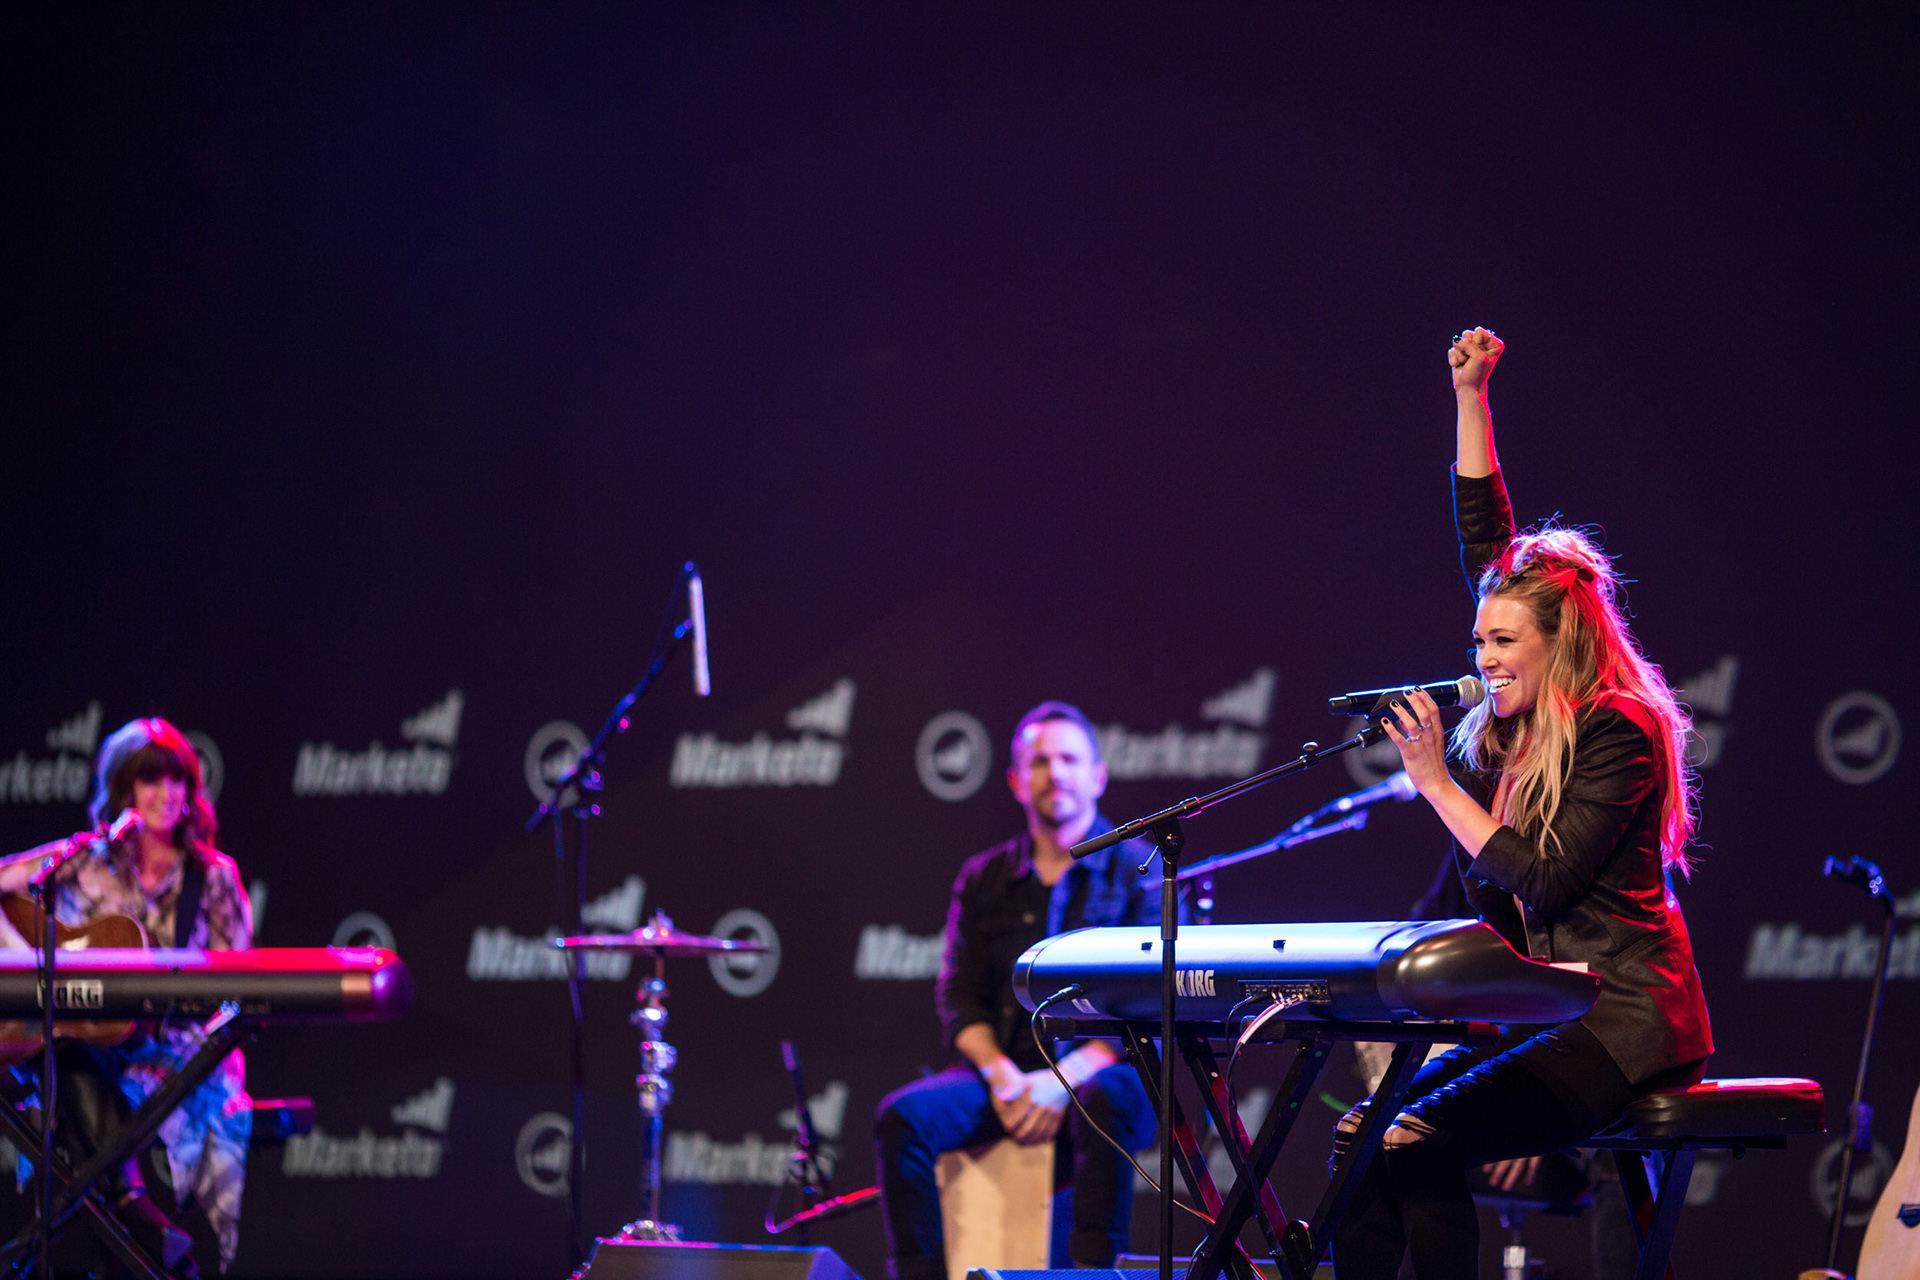 Performance by Rachel Platten